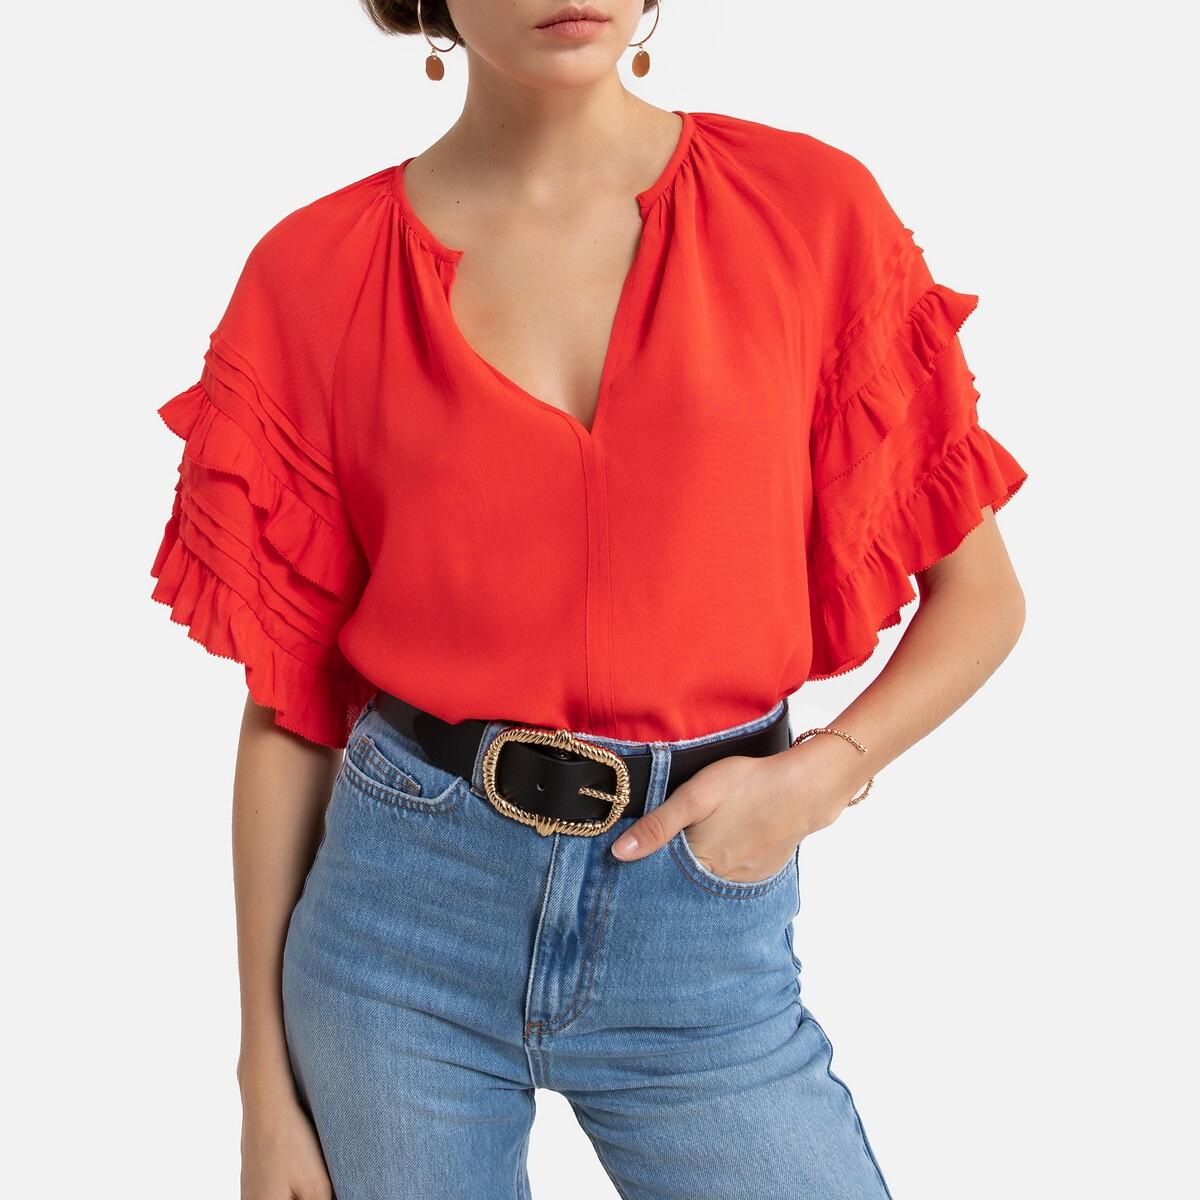 Фото - Блузка LaRedoute С V-образным вырезом и короткими рукавами 1(S) красный футболка laredoute из льна с v образным вырезом и короткими рукавами s черный